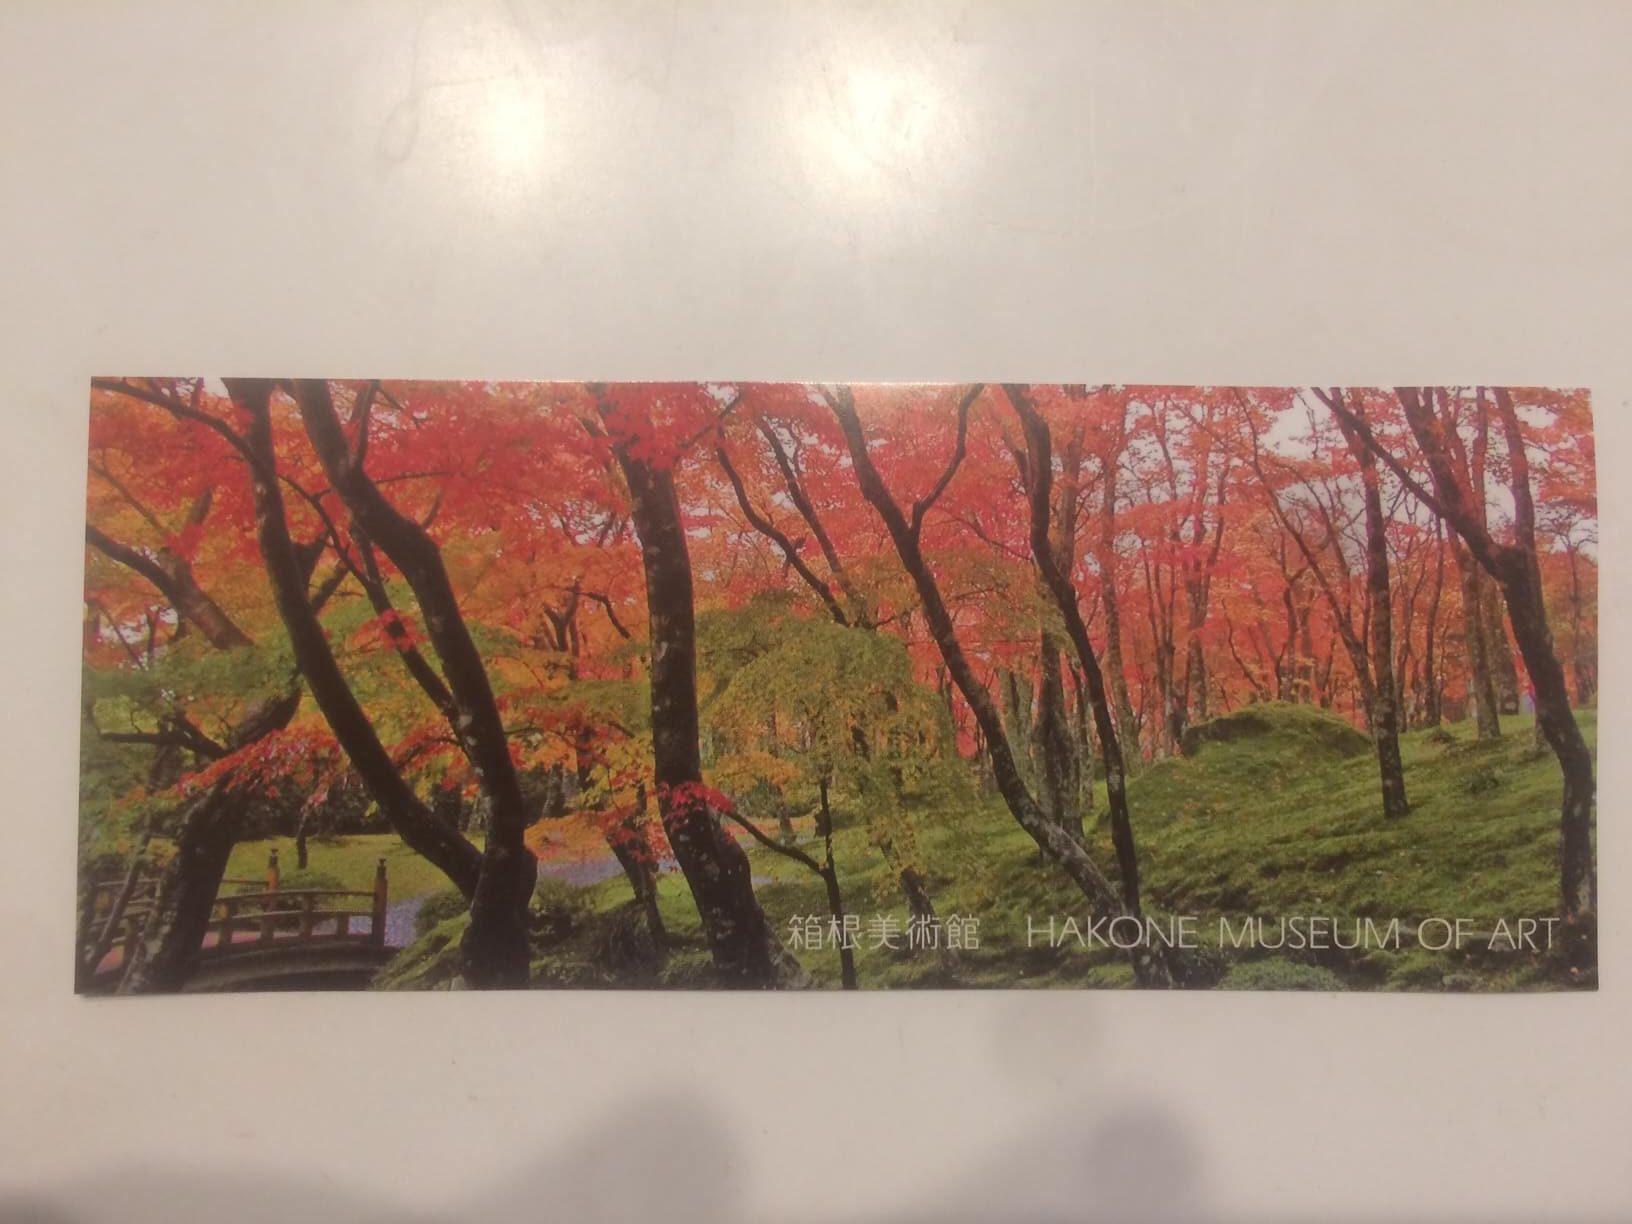 箱根美術館の入場券